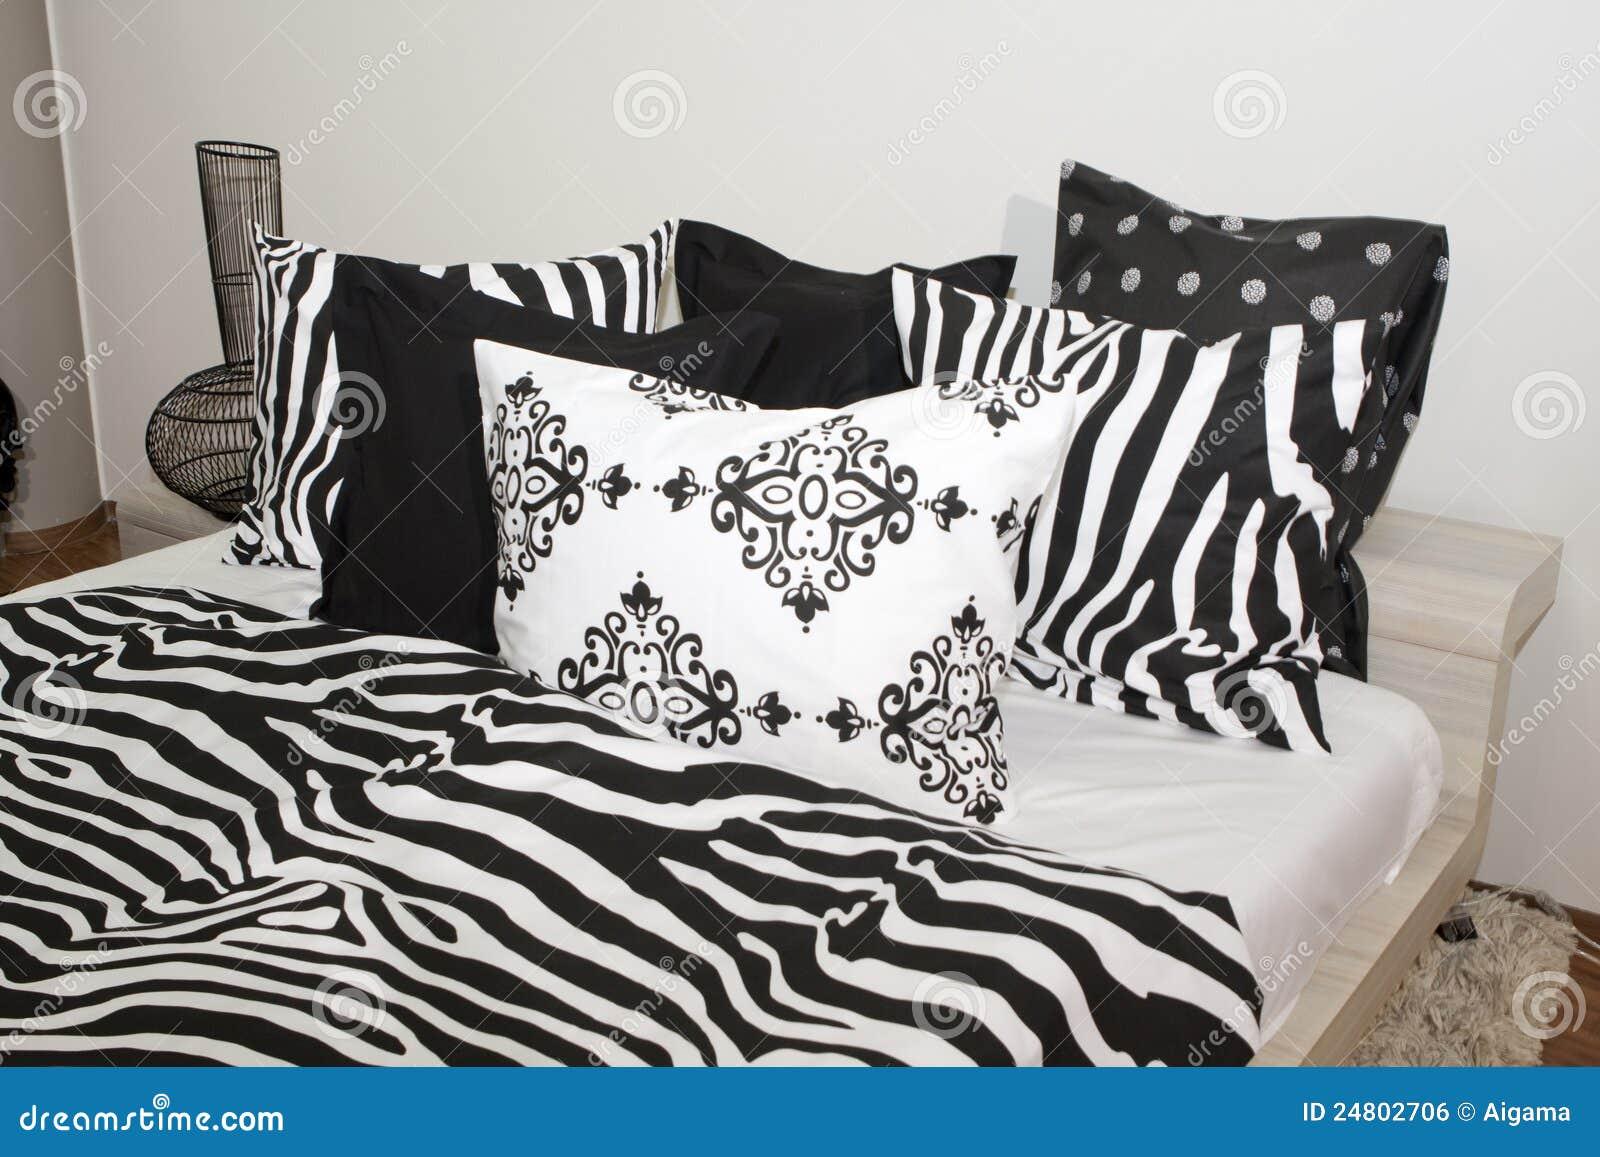 Slaapkamer Met Zwart-witte Hoofdkussens Royalty-vrije Stock Afbeelding ...